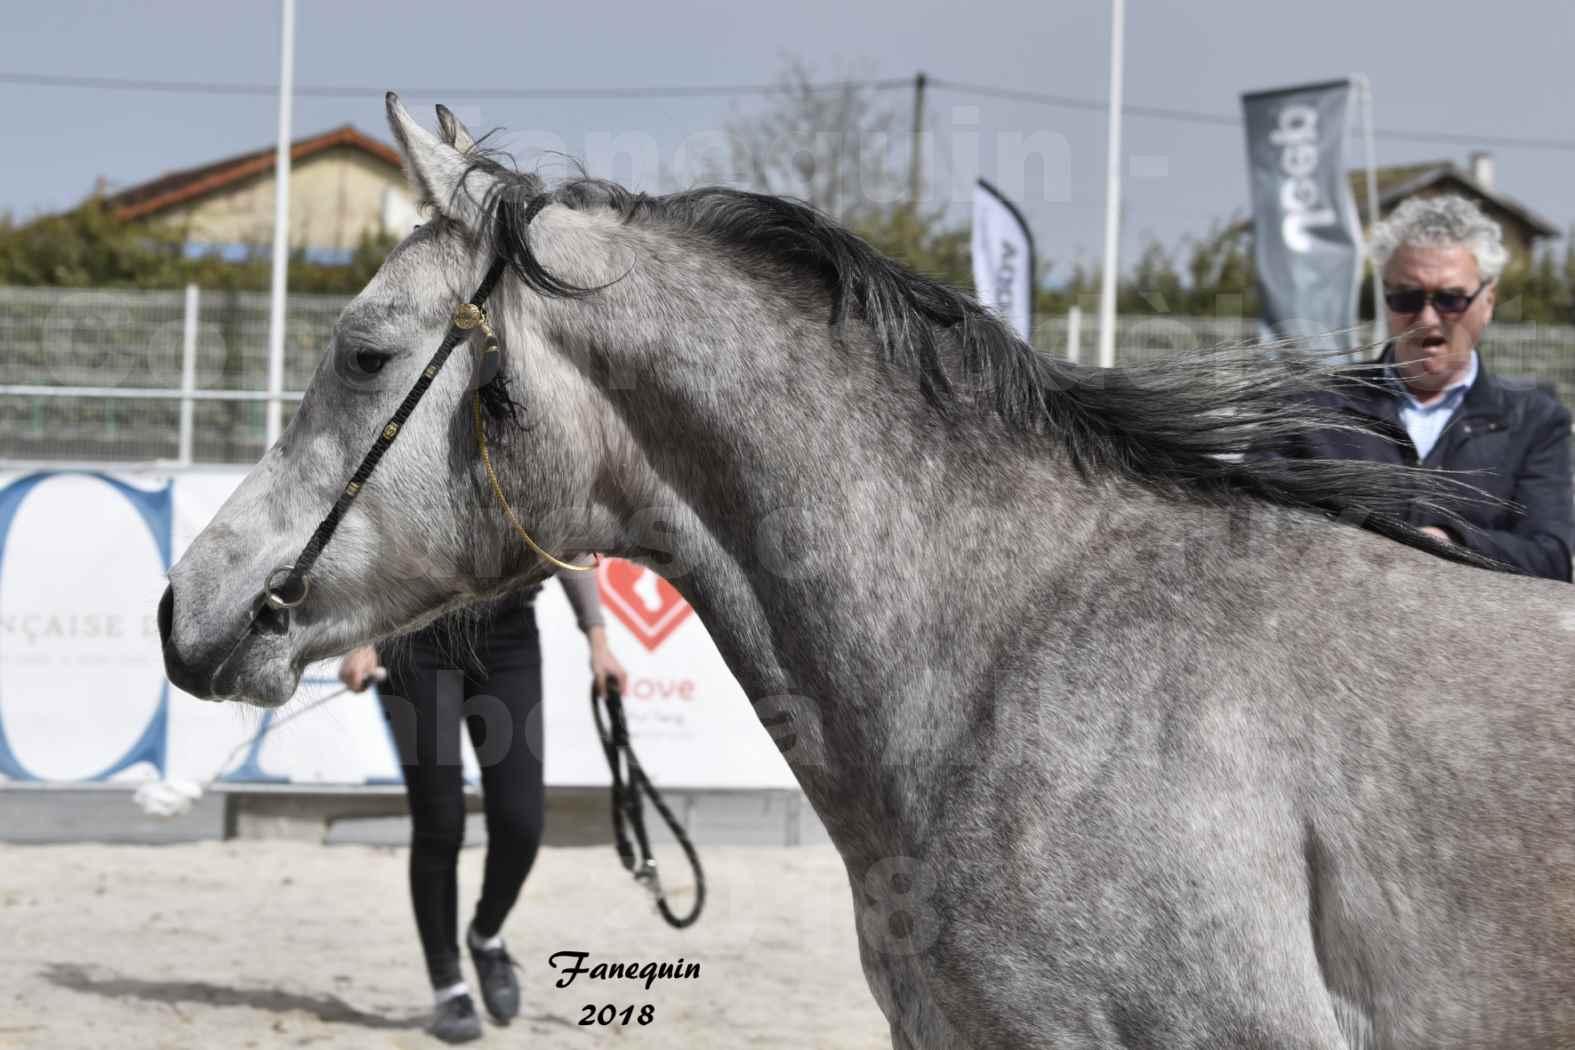 Concours d'élevage de Chevaux Arabes - Demi Sang Arabes - Anglo Arabes - ALBI les 6 & 7 Avril 2018 - FLORAC LARZAC - Notre Sélection - Portraits - 1